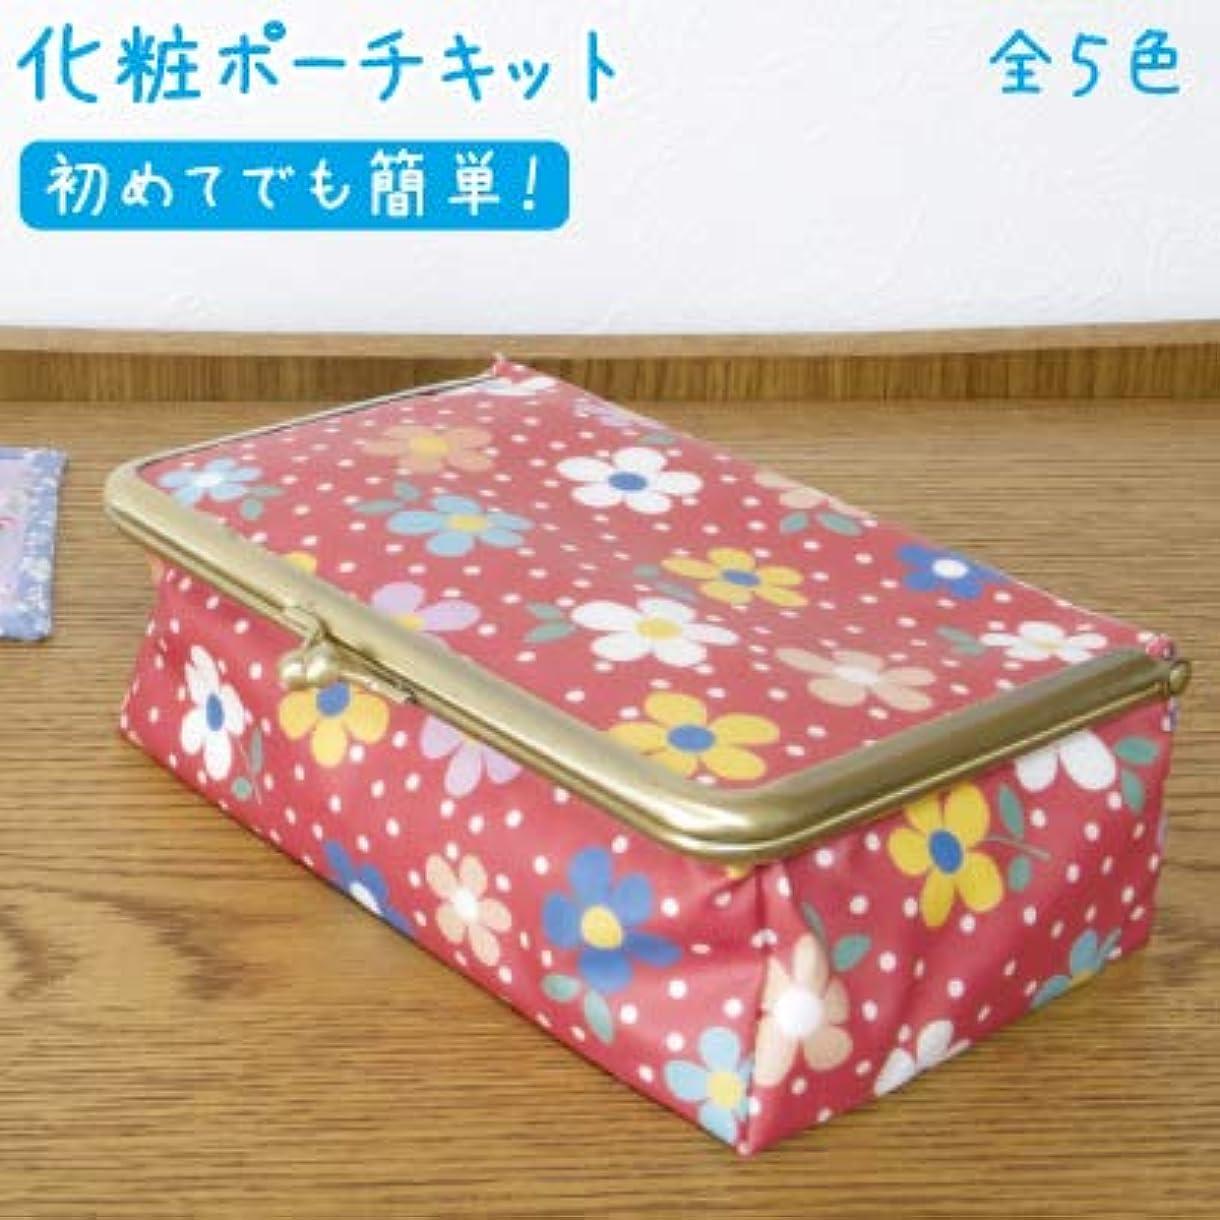 配る間うめき【INAZUMA】 がま口 化粧ポーチのキット 鏡付き CK-122AG #0白×ピンク